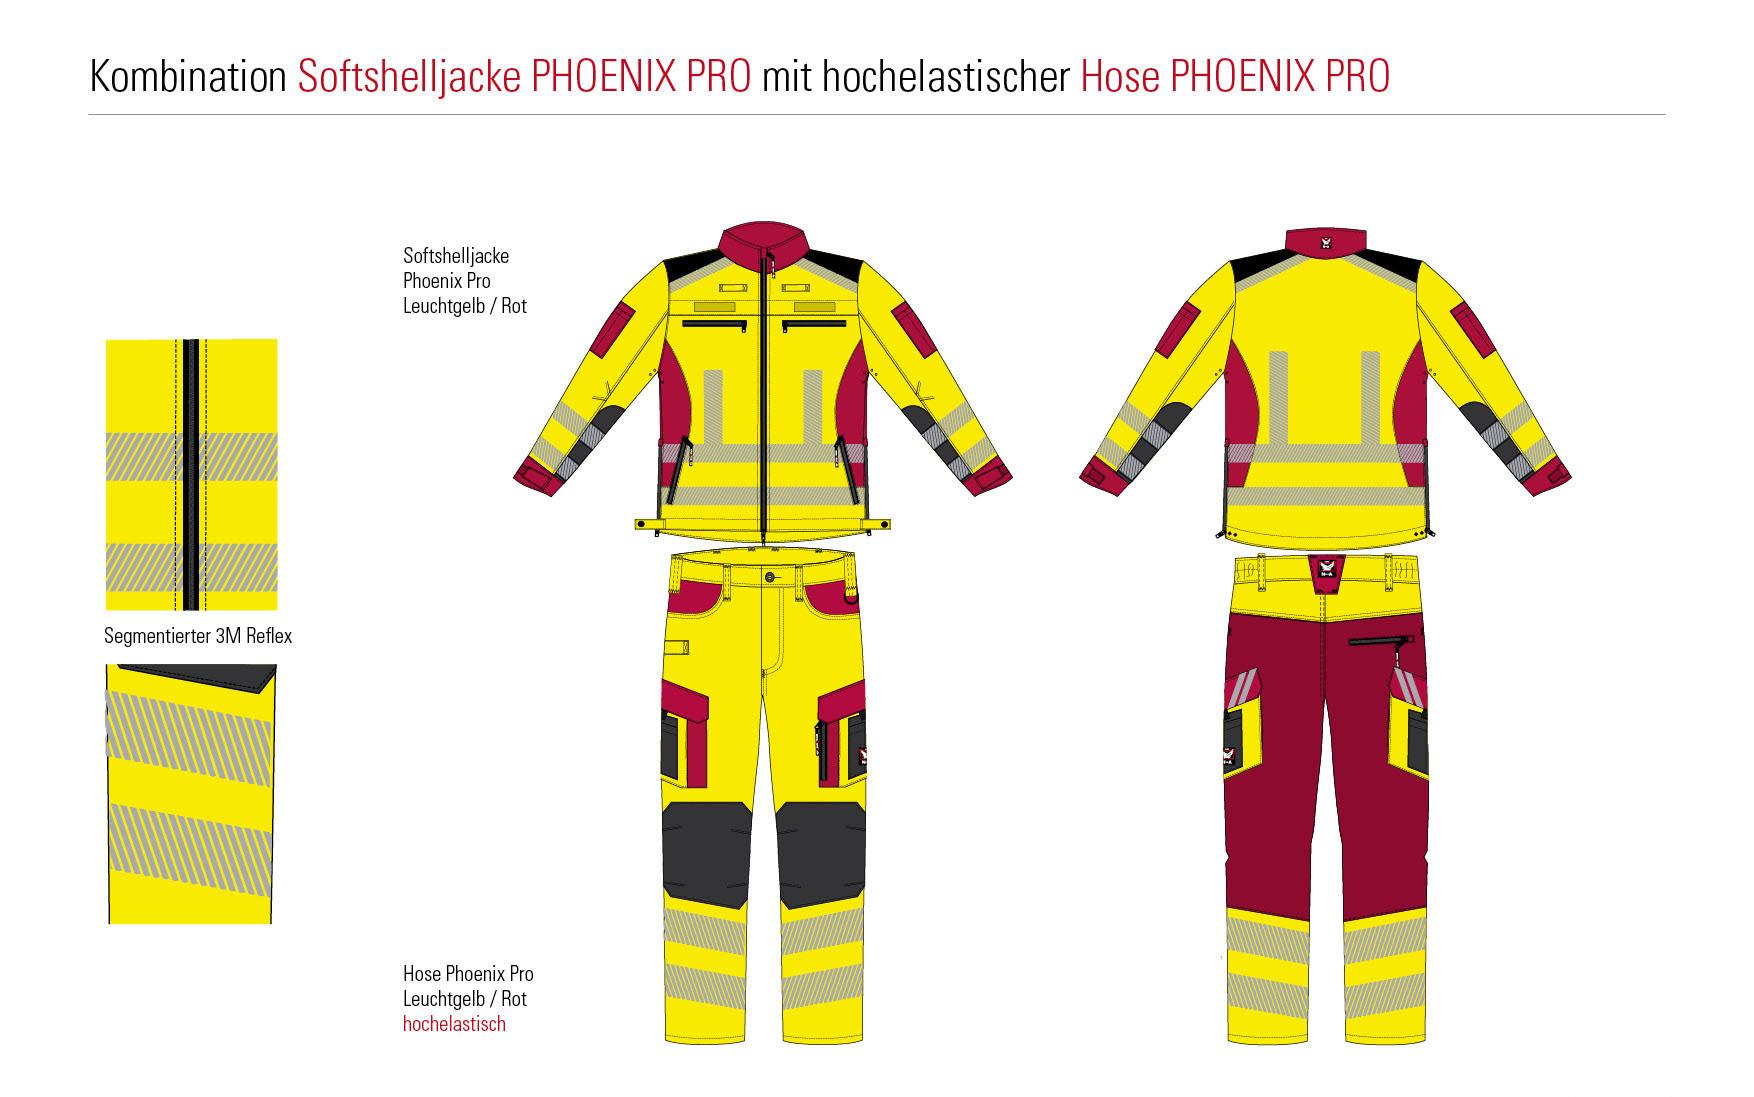 1Kombi-Phoenix-Pro-20211